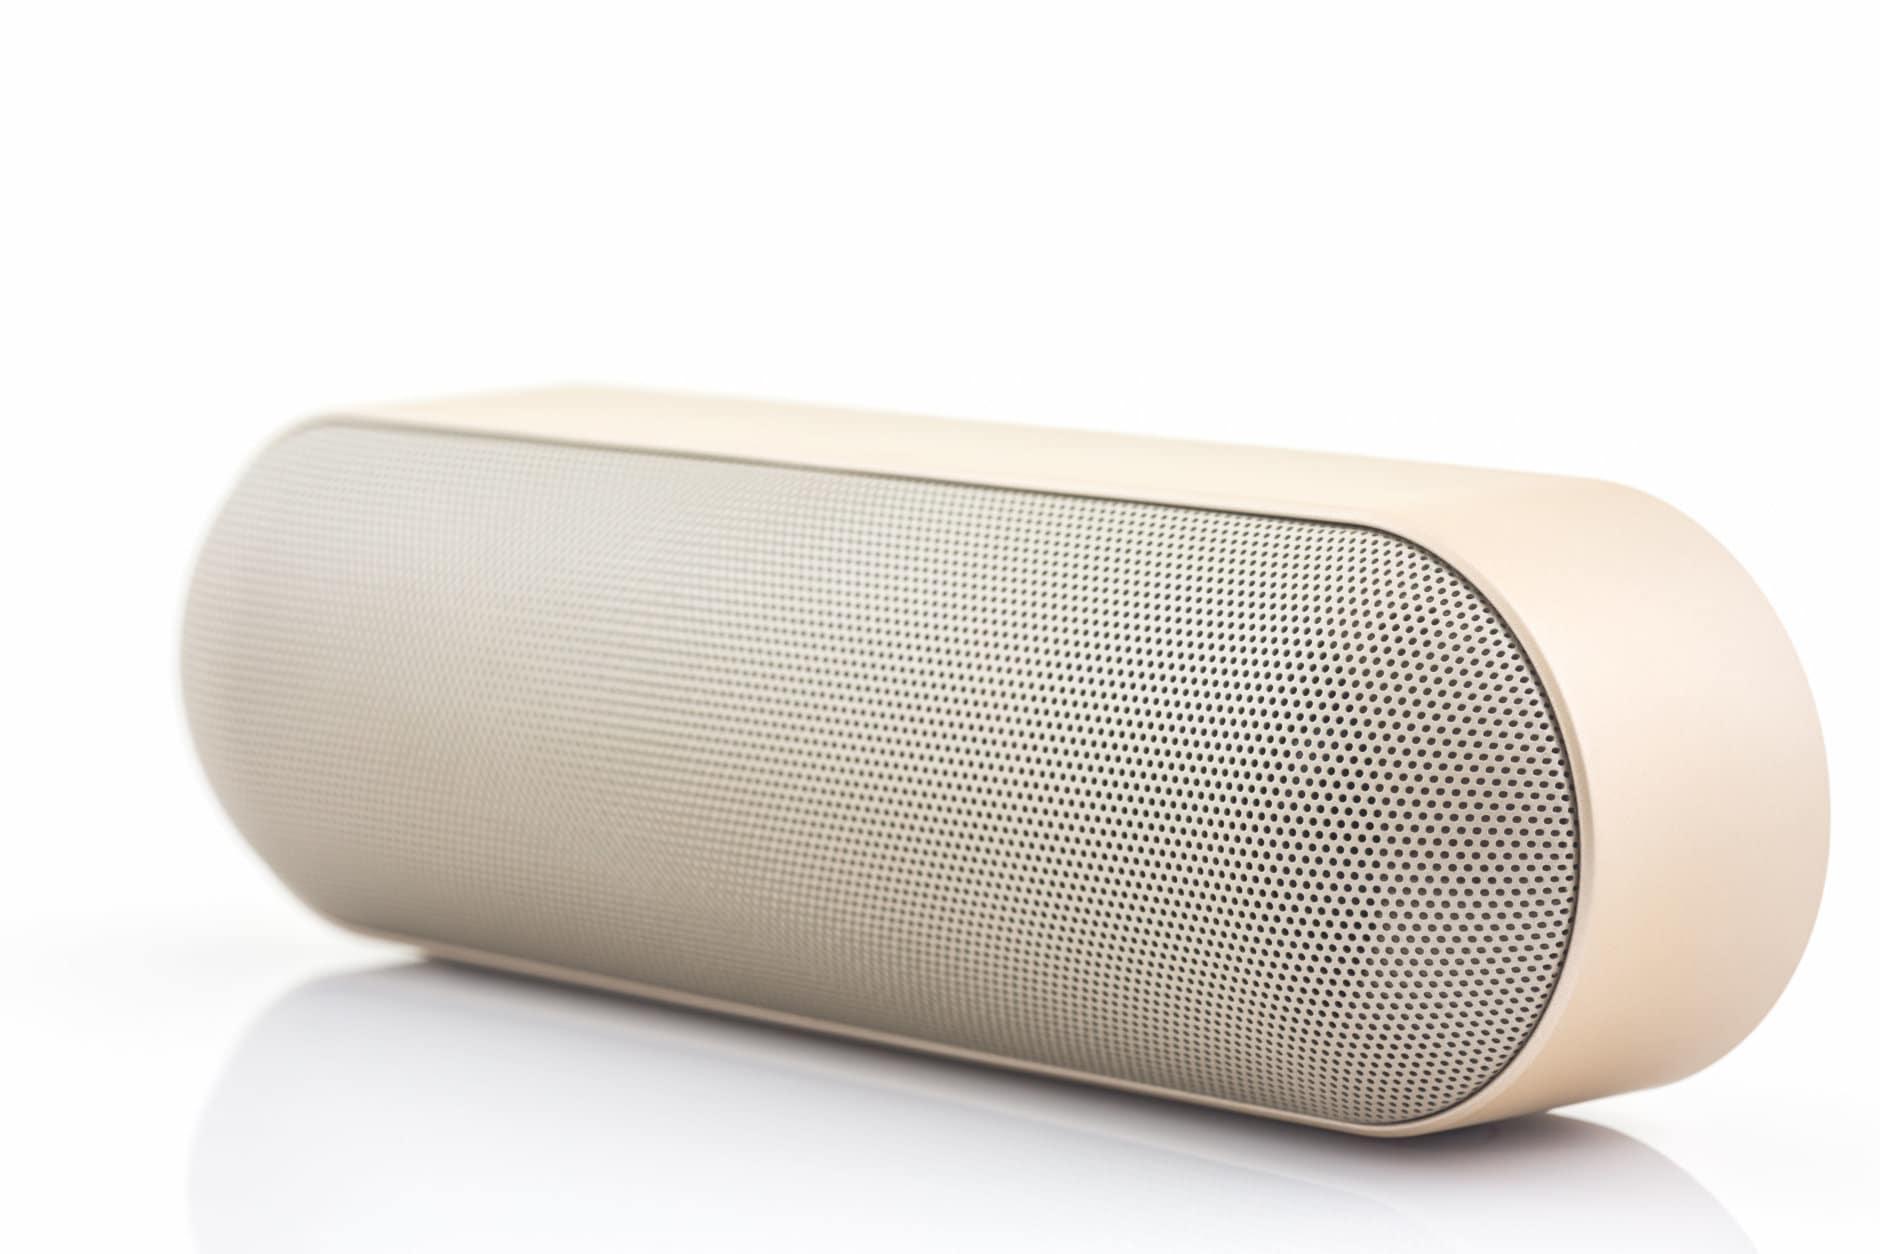 Wireless speaker for mobile phone, Speaker for smartphone on white background.